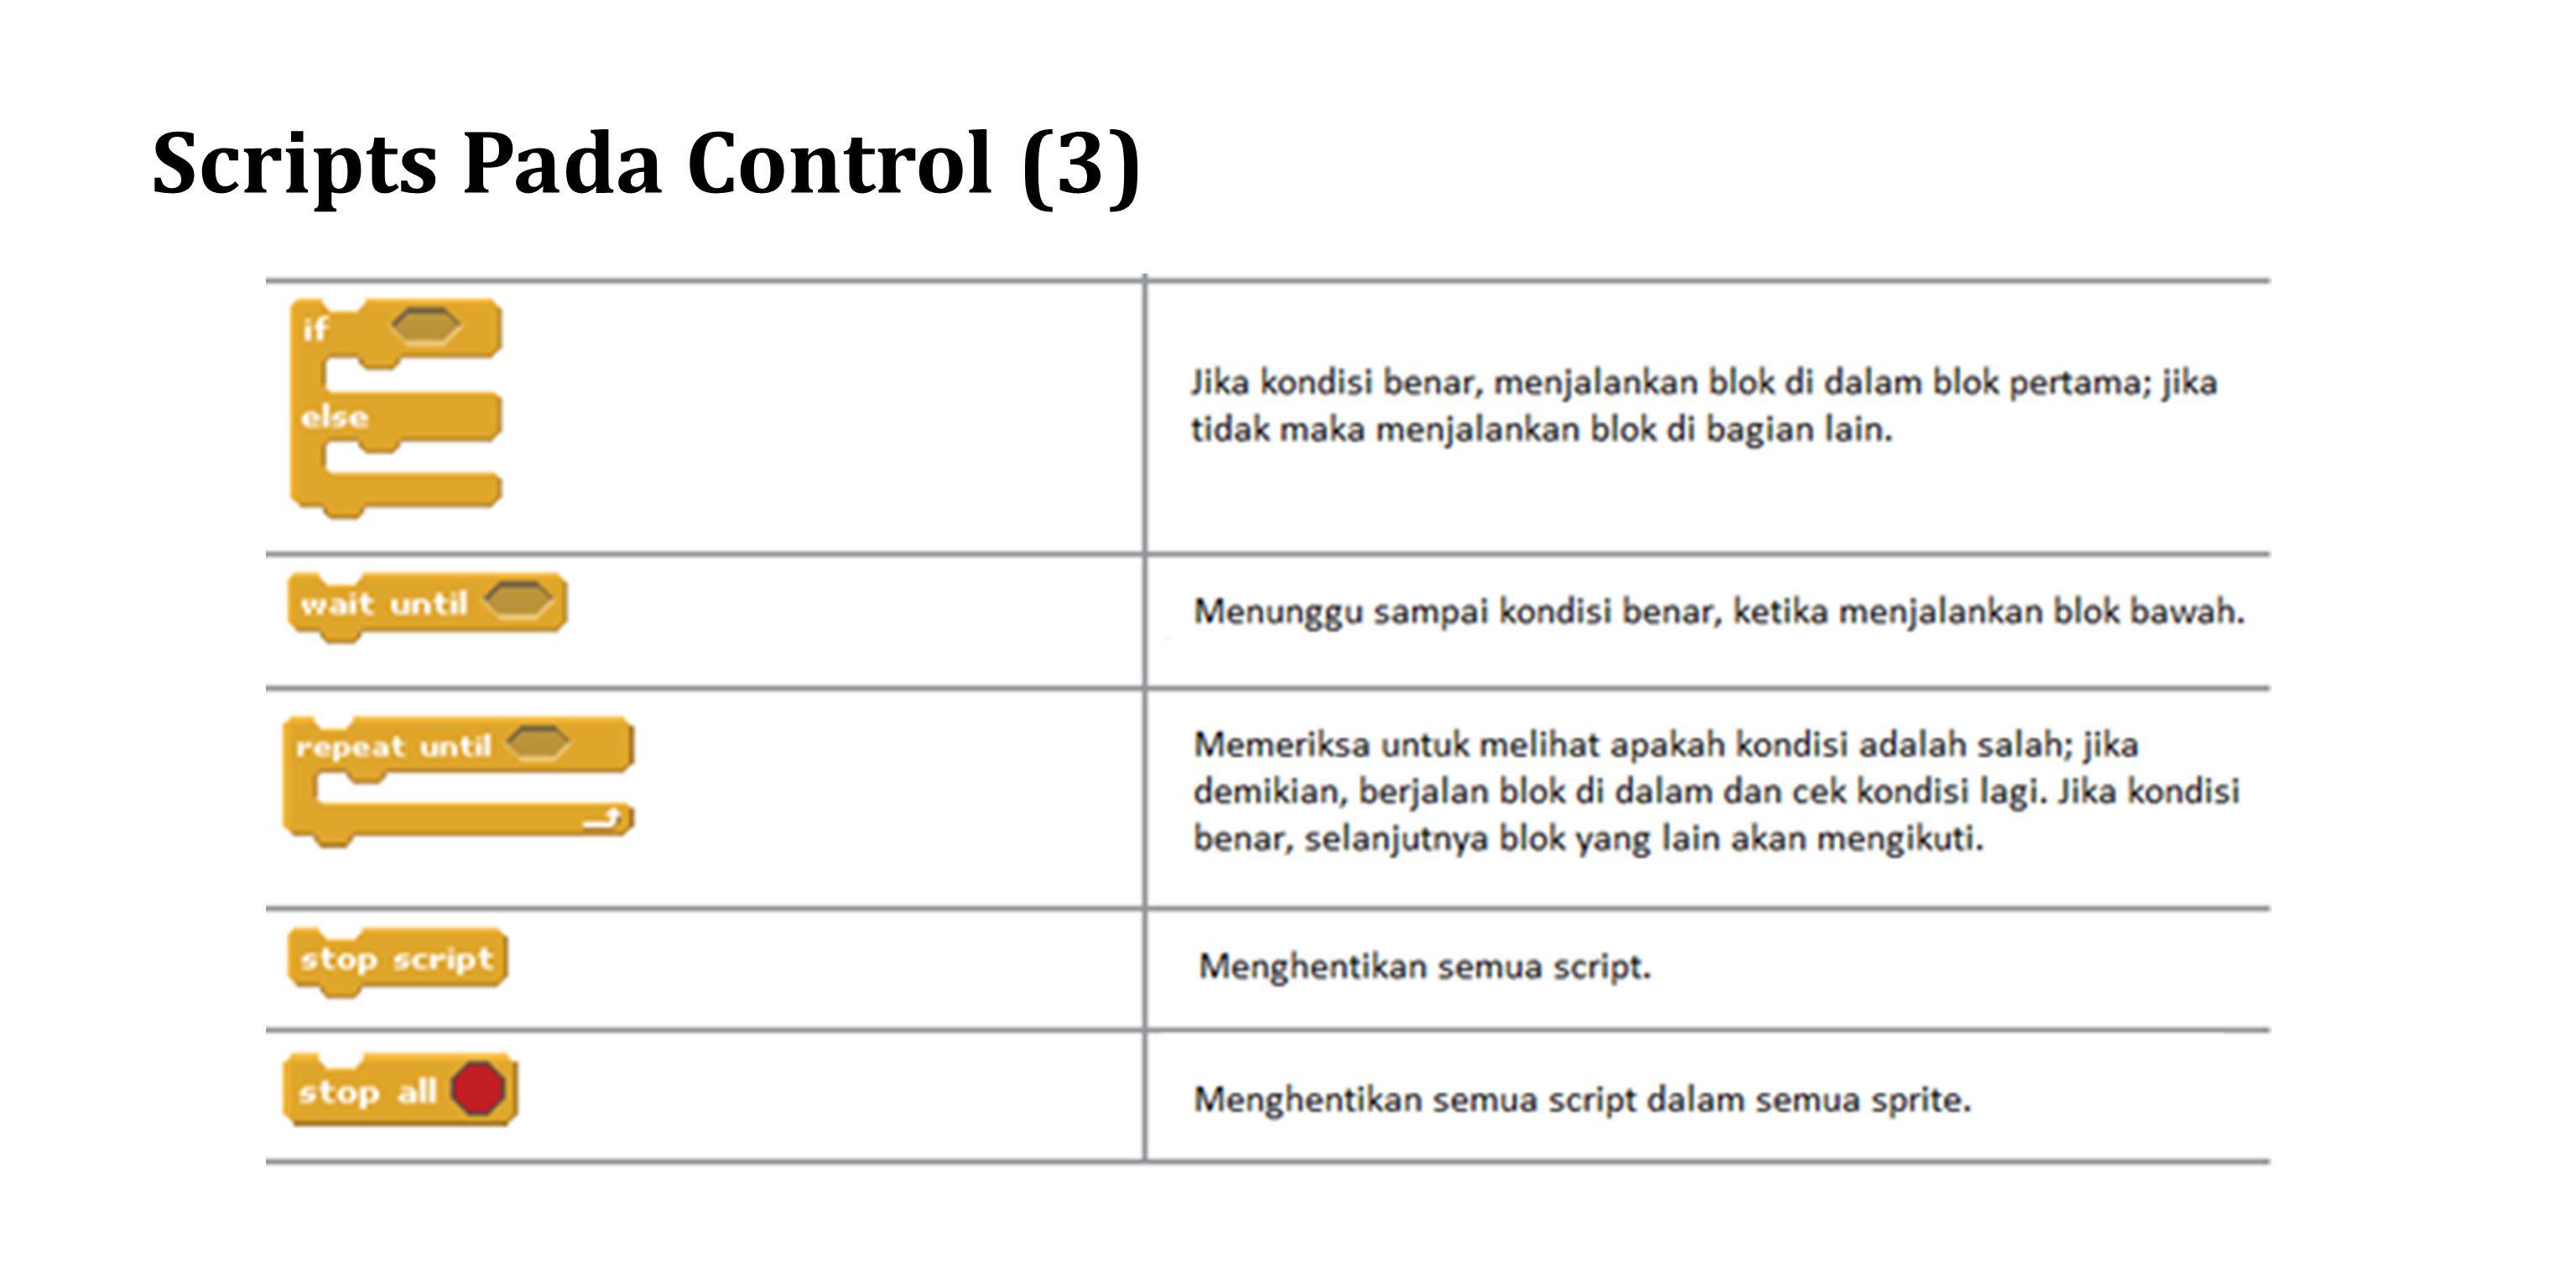 Implementasi Control 1 (Langkah 1) Kita akan mulai membuat animasi dengan menggunakan perintah blok pada control untuk membuat perulangan gerak dengan perintah dengan waktu tunggu 0,2 second dengan perintah, dan Sprite1 Sprite2